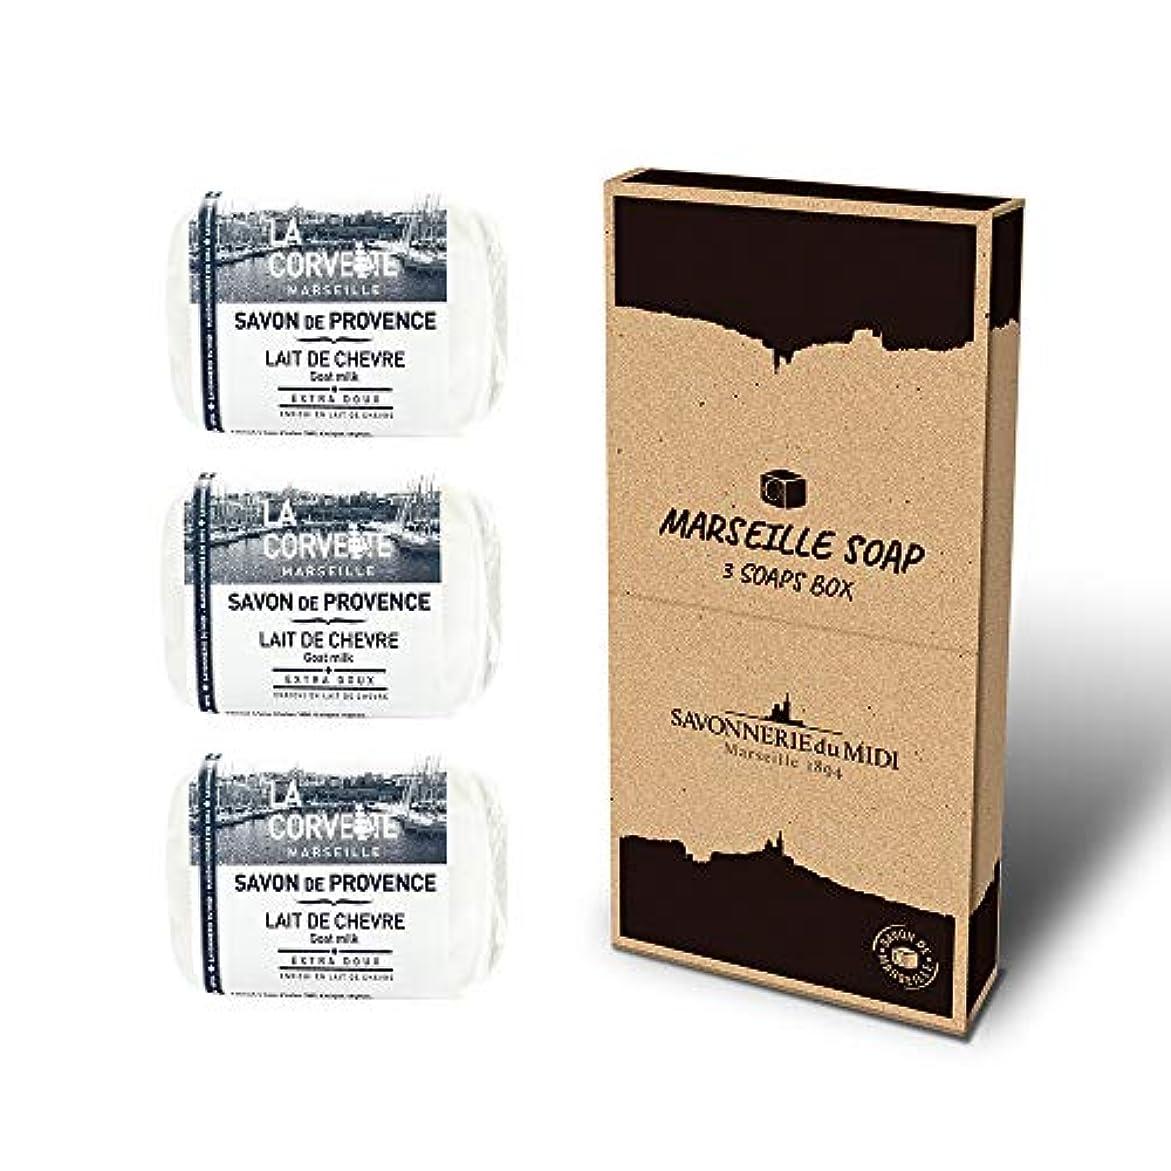 傷つきやすい動機フレッシュマルセイユソープ 3Soaps BOX ゴートミルク